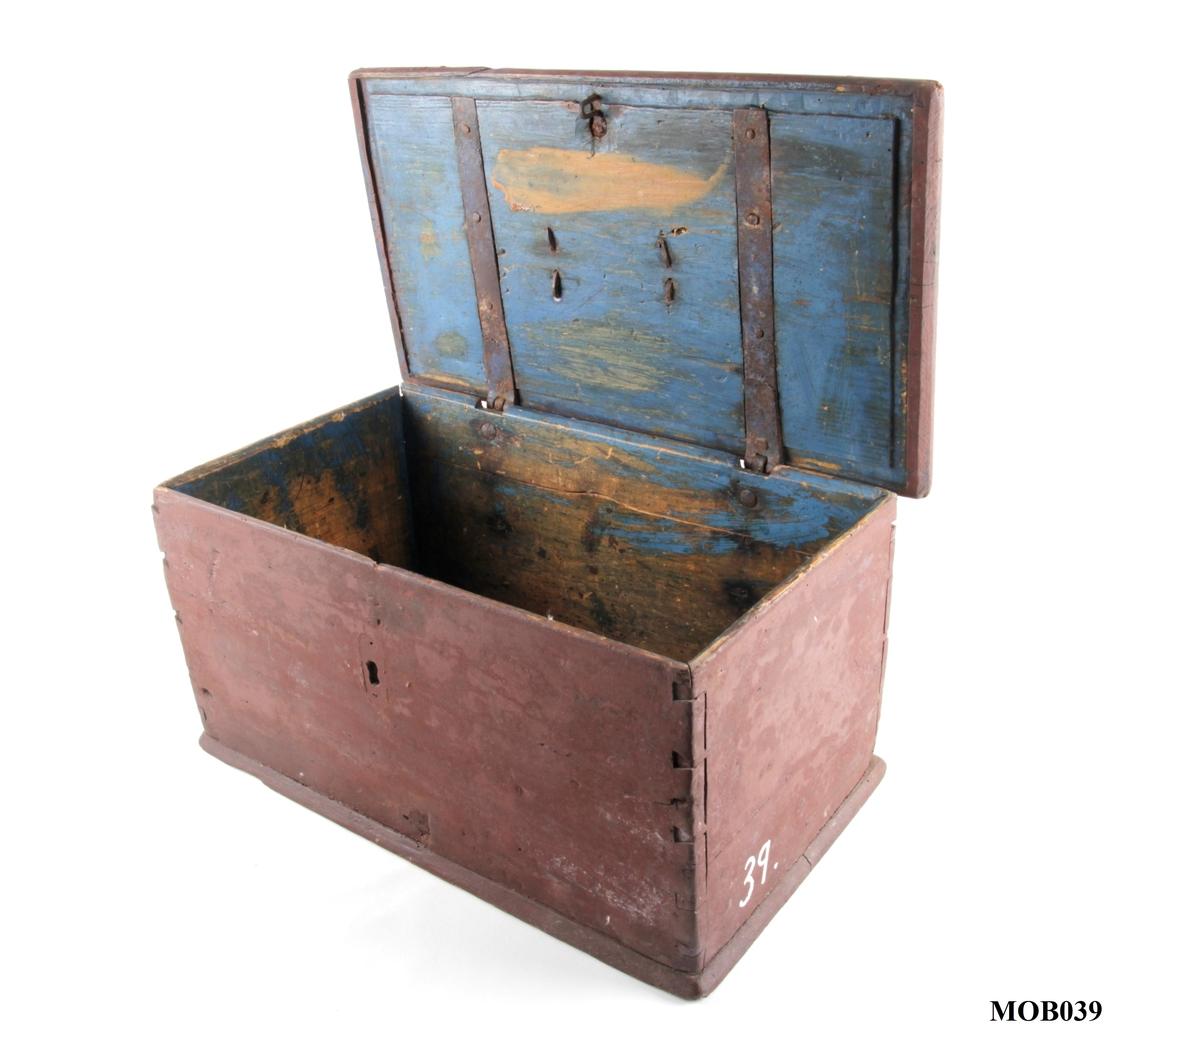 Rektangulært kiste med flatt lokk og beslag.